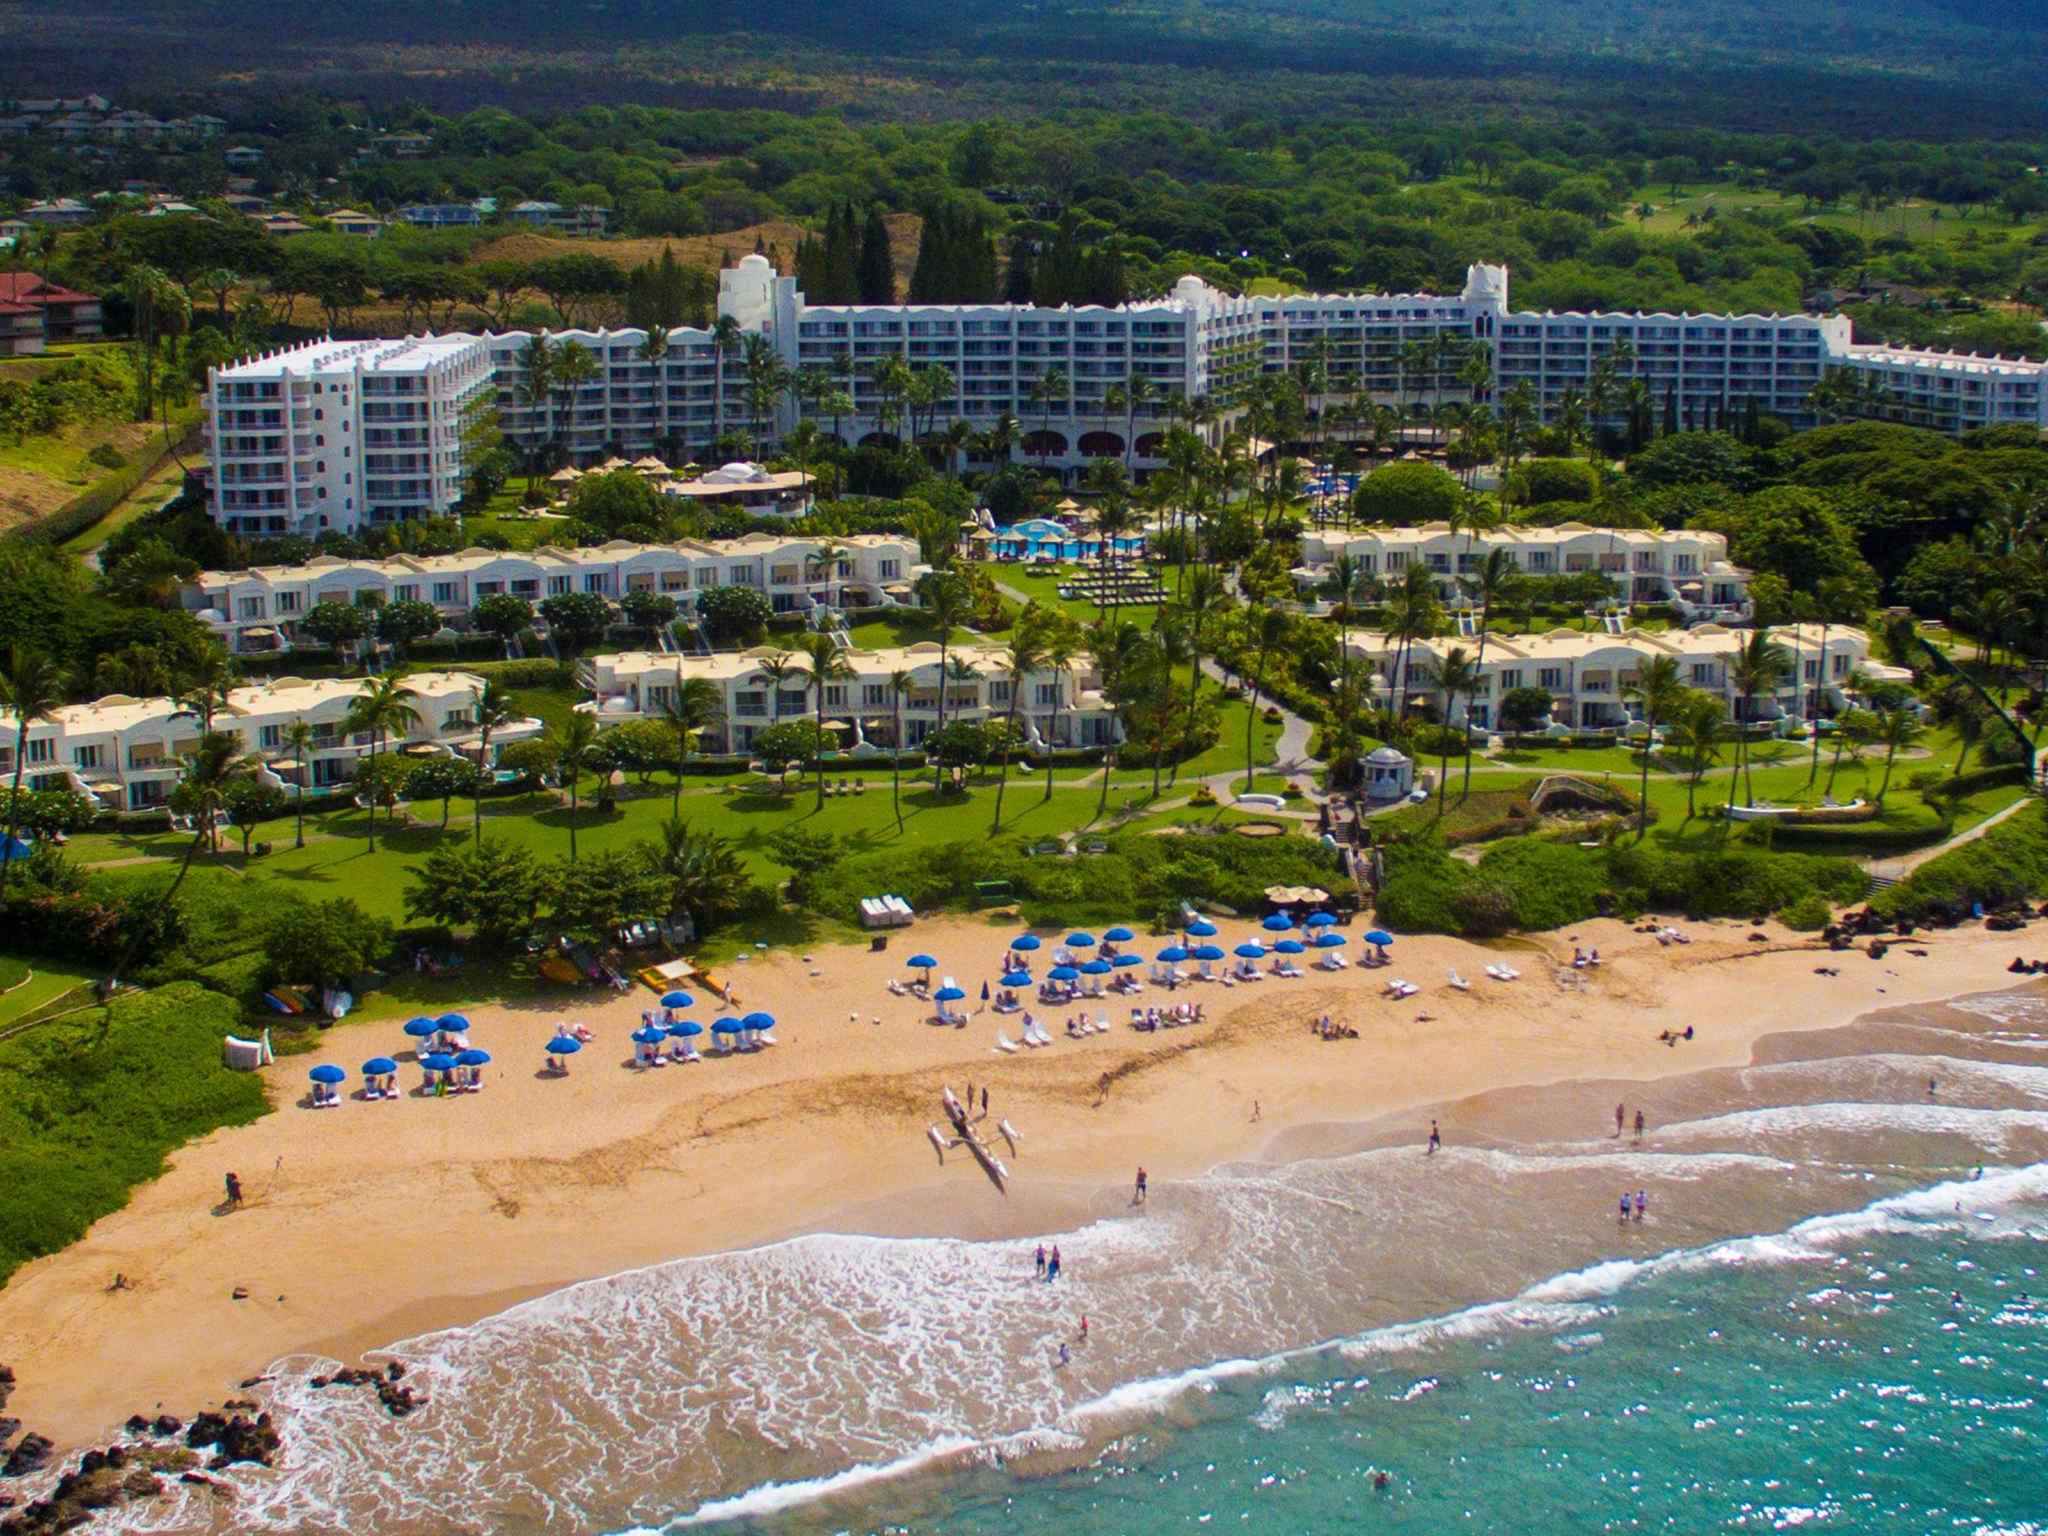 Hotel – Fairmont Kea Lani - Maui